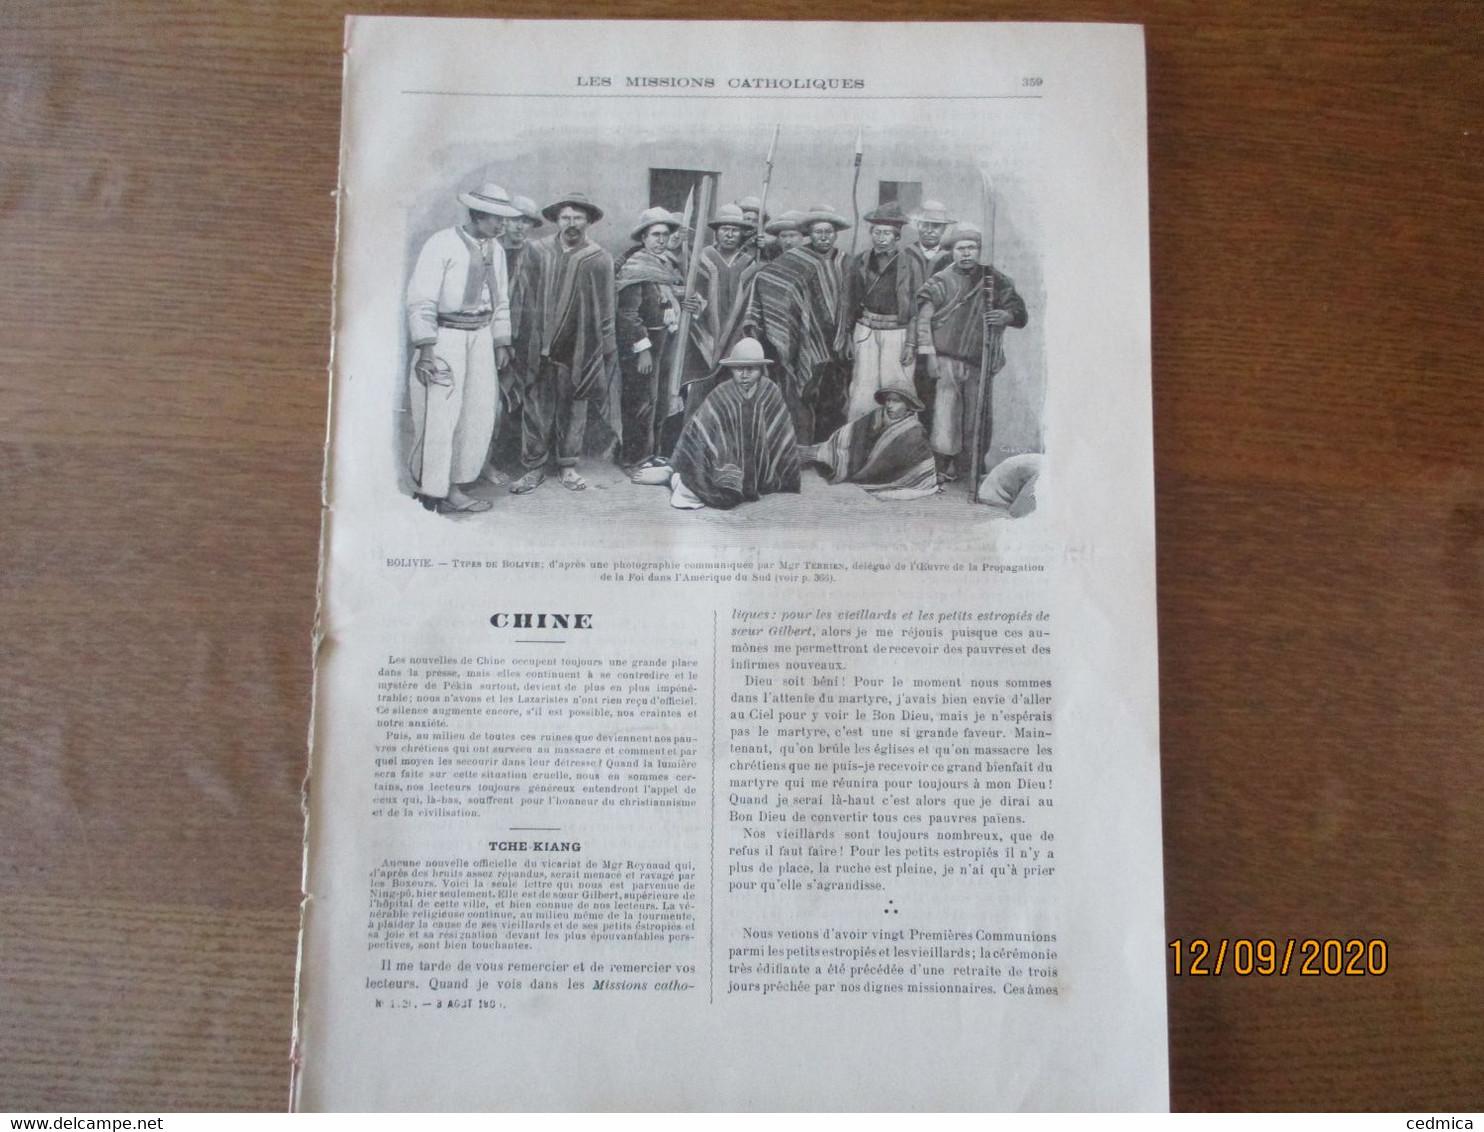 LES MISSIONS CATHOLIQUES DU 3 AOUT 1900 CHINE TCHE-KIANG,TCHE-LY,A KIMBERLEY PENDANT LA GUERRE DES BOERS ET DES ANGLAIS, - 1900 - 1949